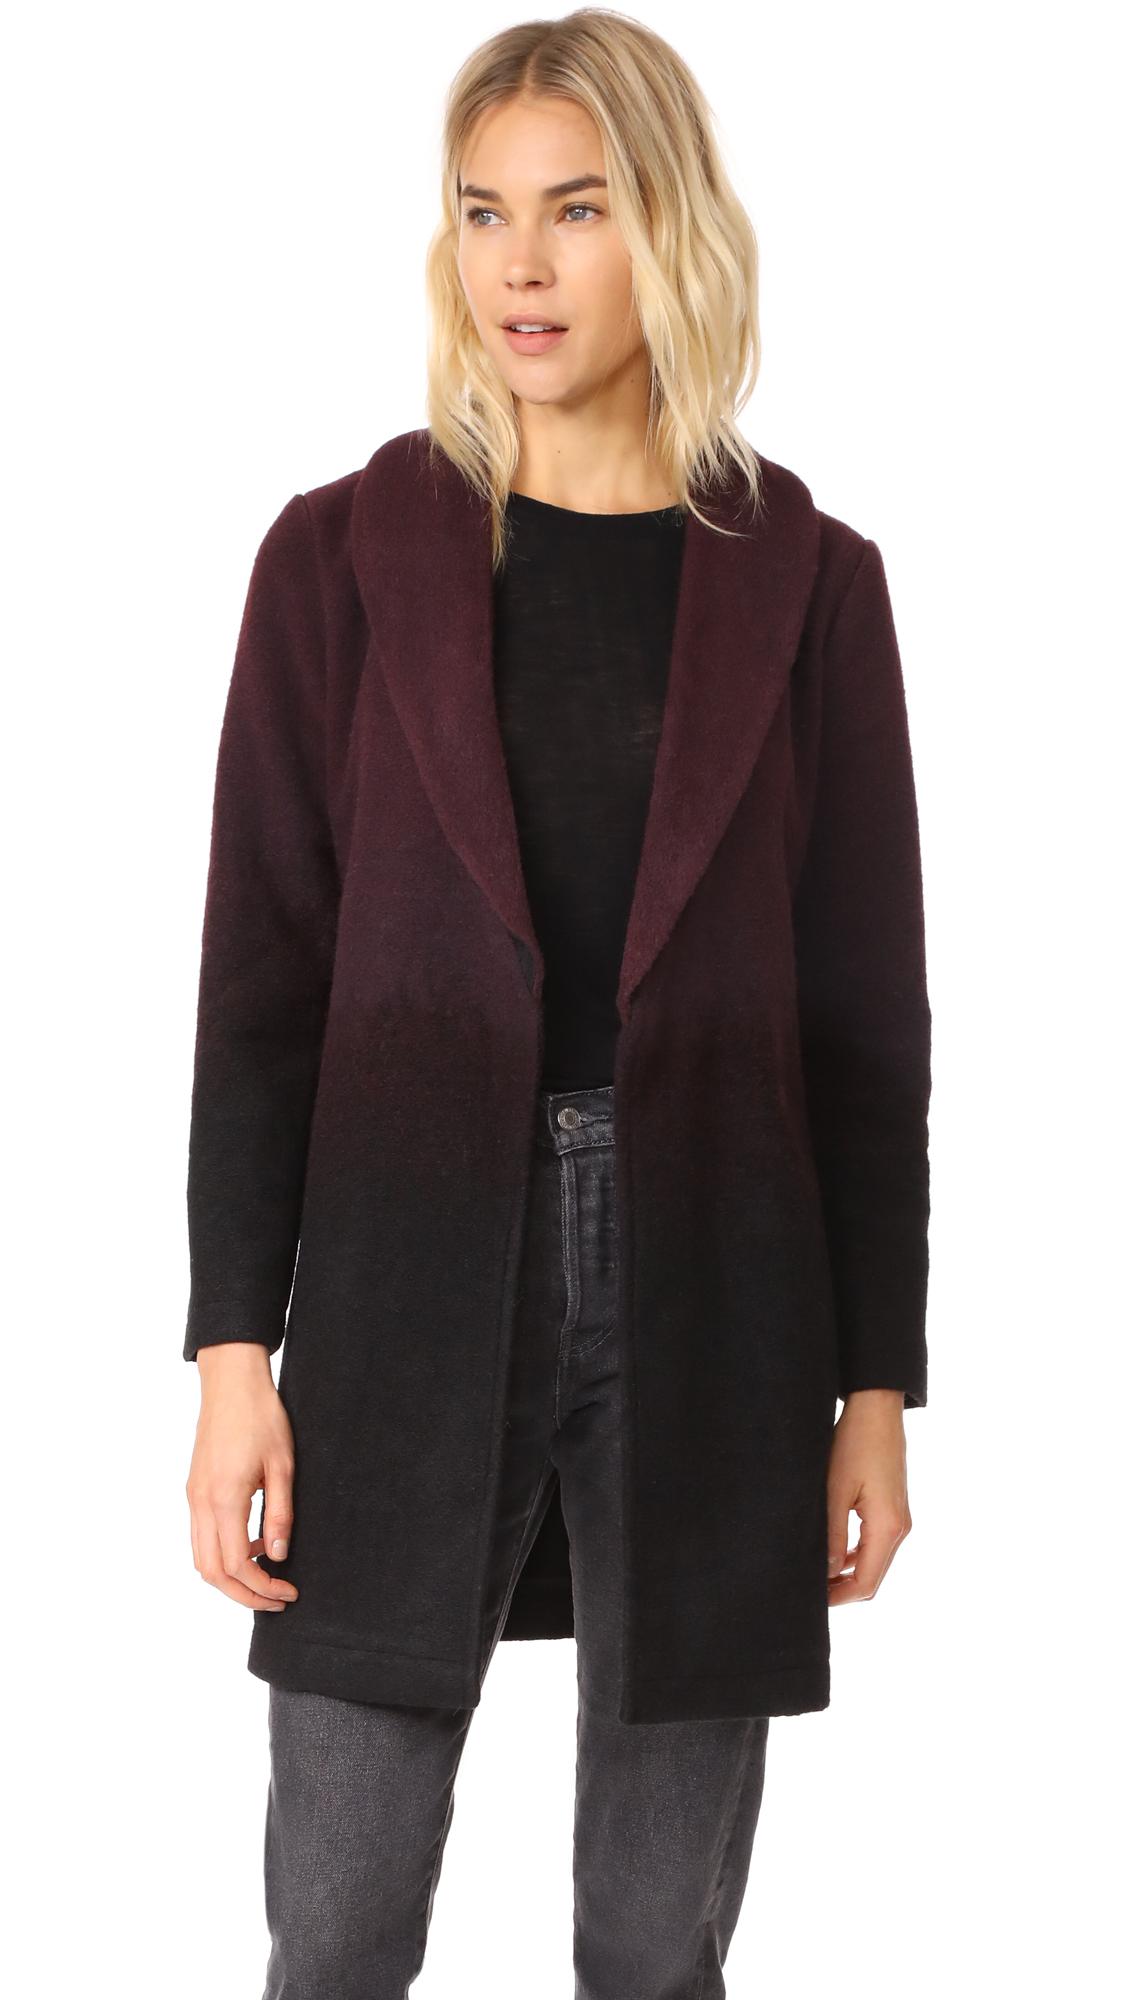 BB Dakota Evan Ombre Woolen Coat - Fig